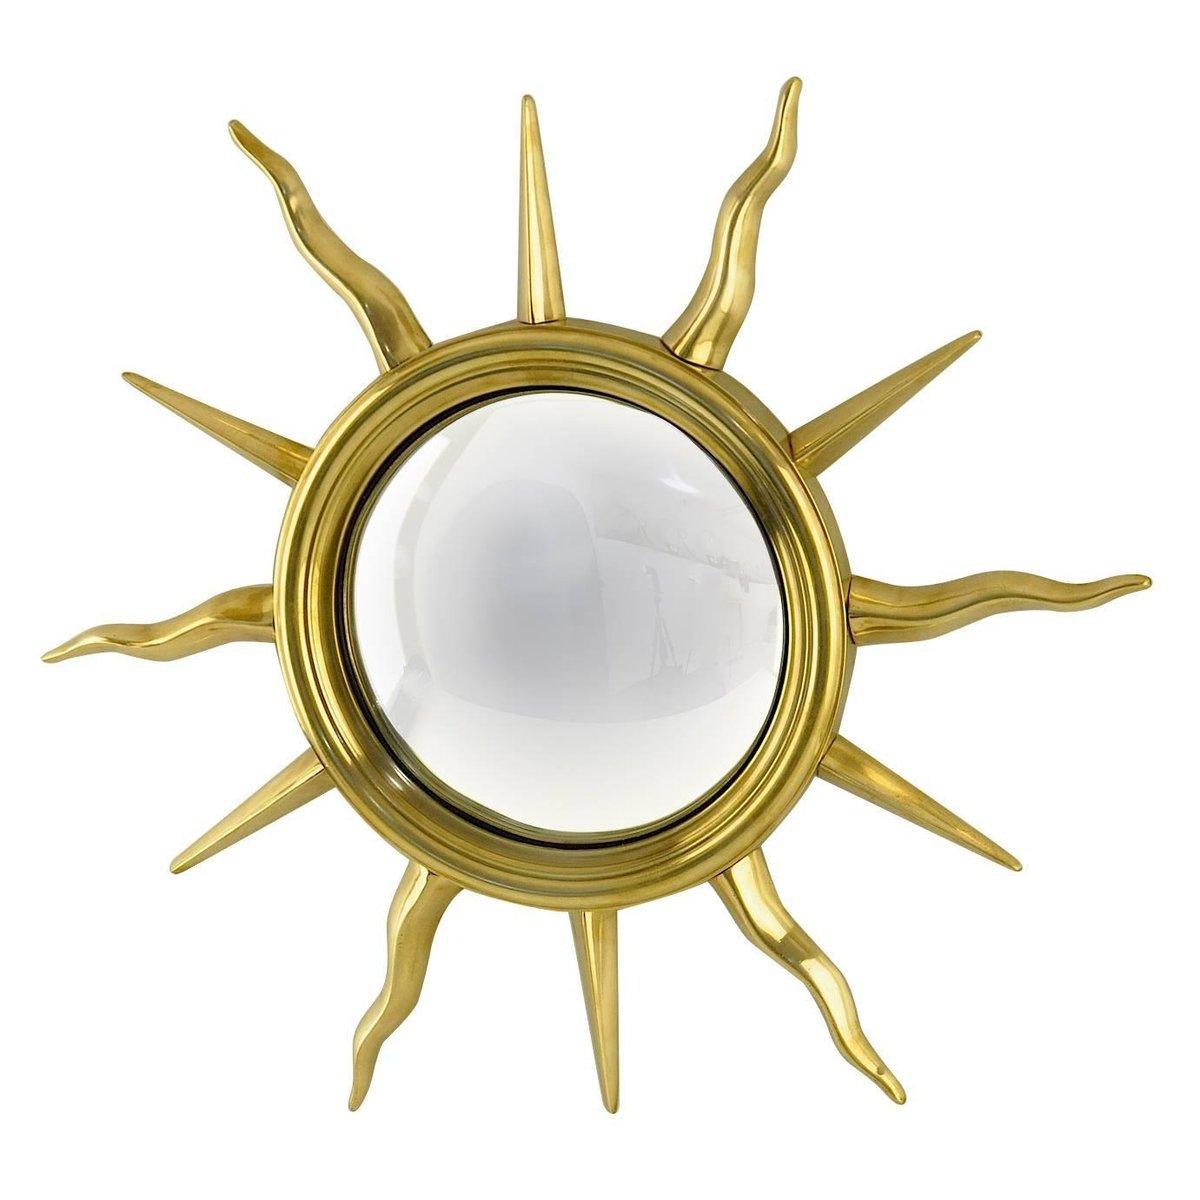 Miroir sunburst en laiton france en vente sur pamono for Miroir laiton